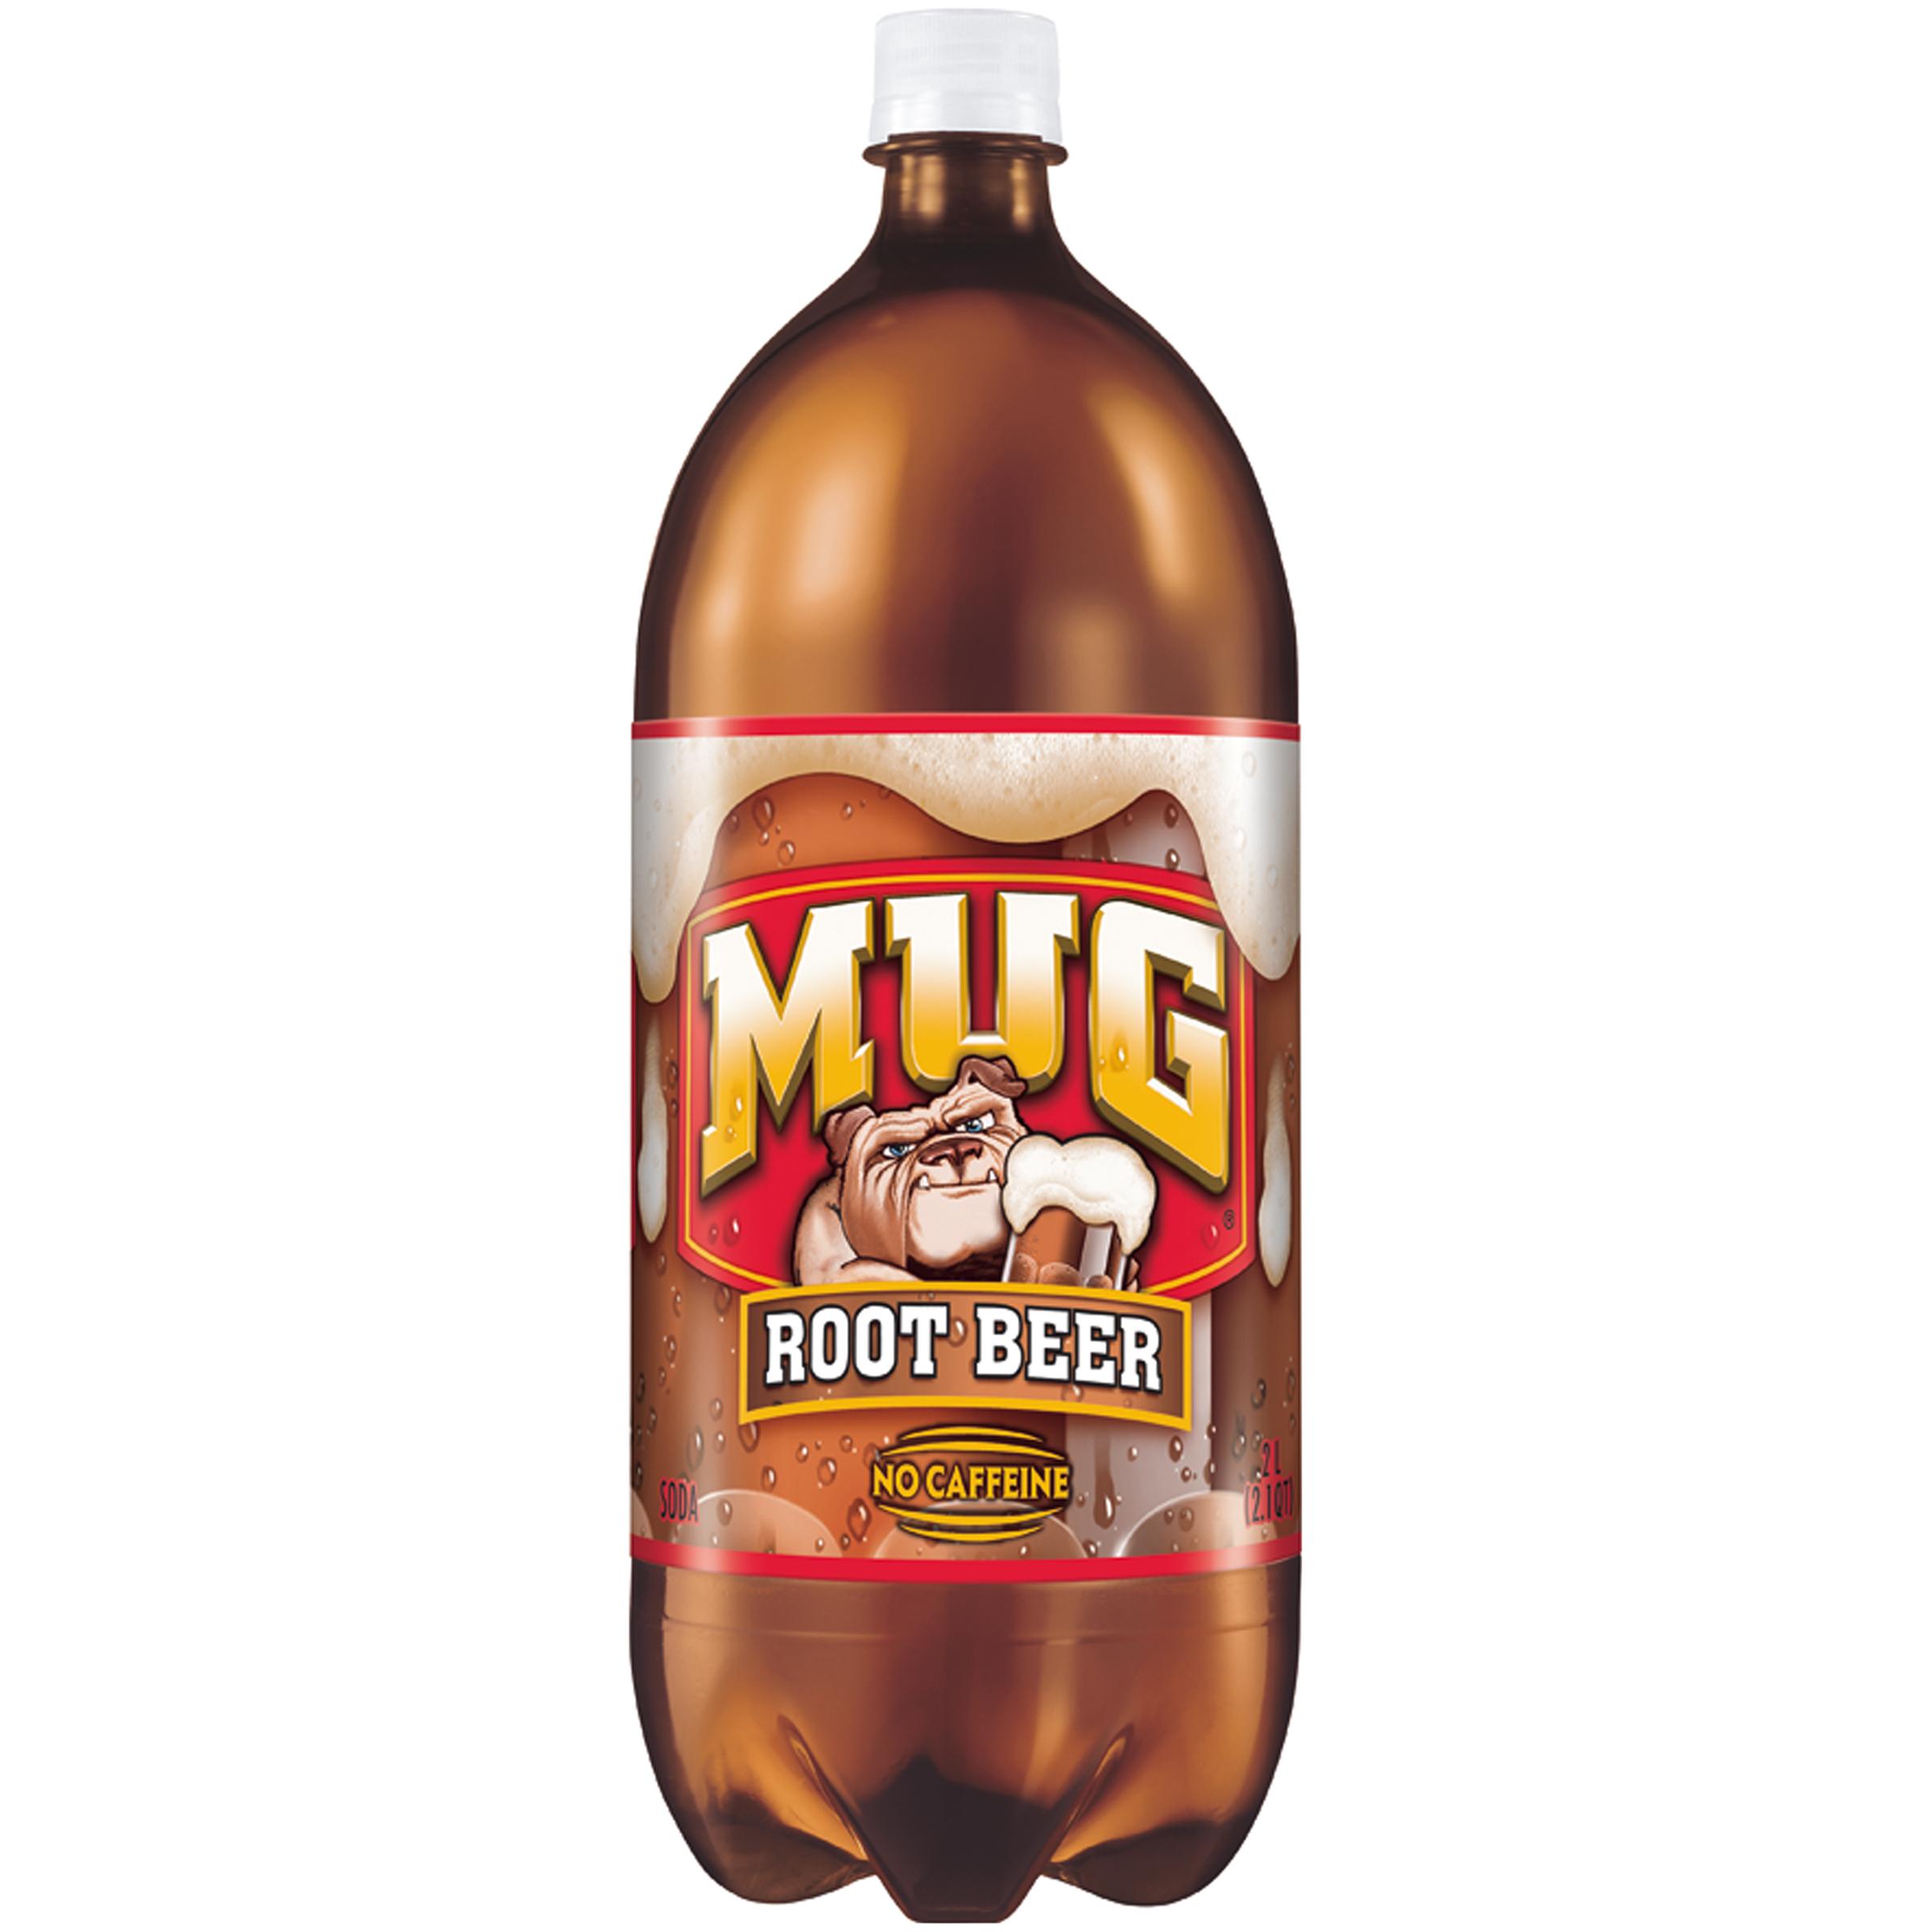 Mug Root Beer Soda 2 Liter Plastic Bottle